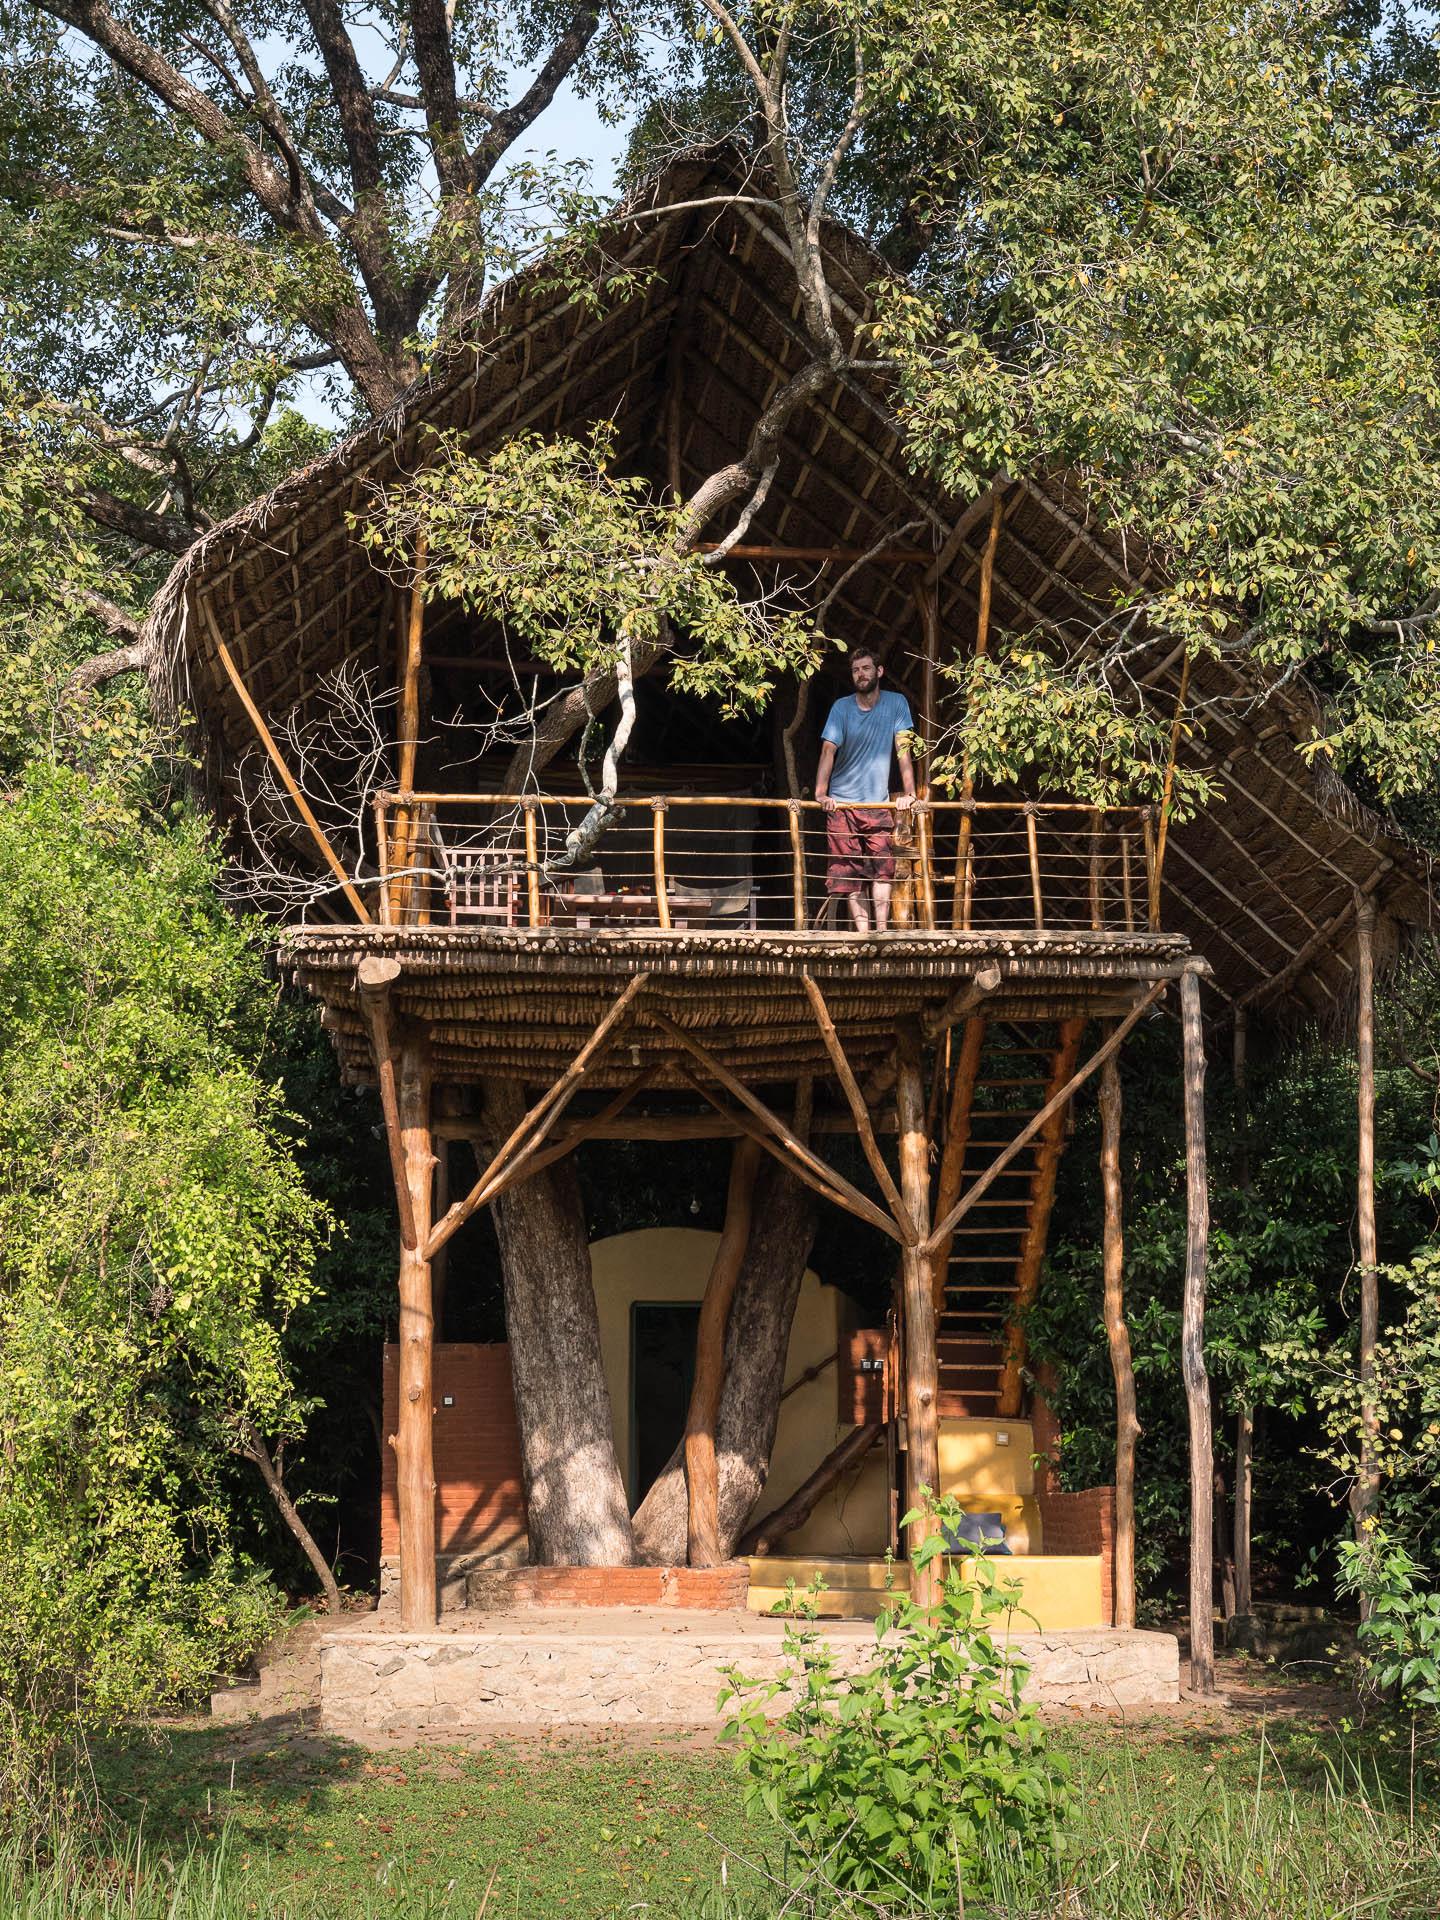 Sigiriya back to beyond 12 - Les globe blogueurs - blog voyage nature